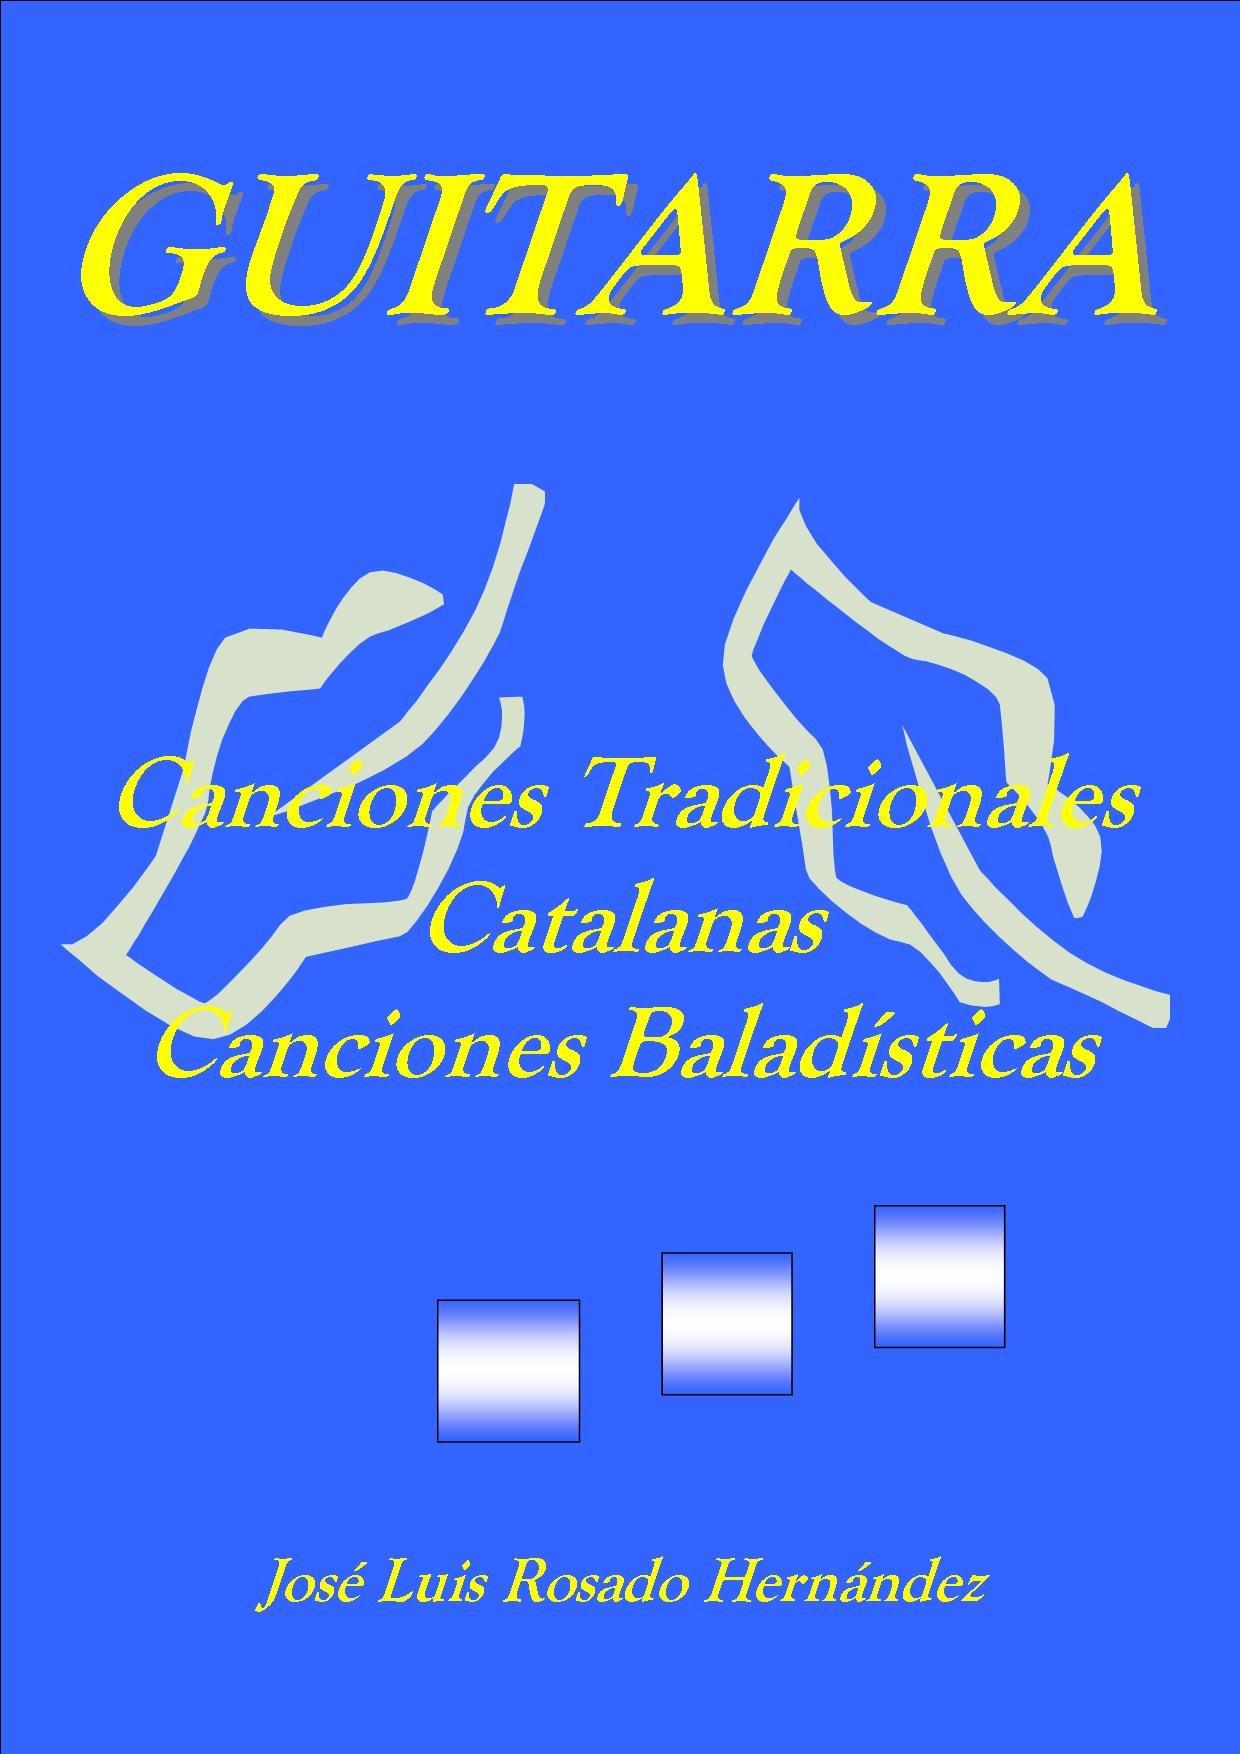 LIBRO PARTITURAS GUITARRA CLASICA. CANCIONES TRADICIONALES ...